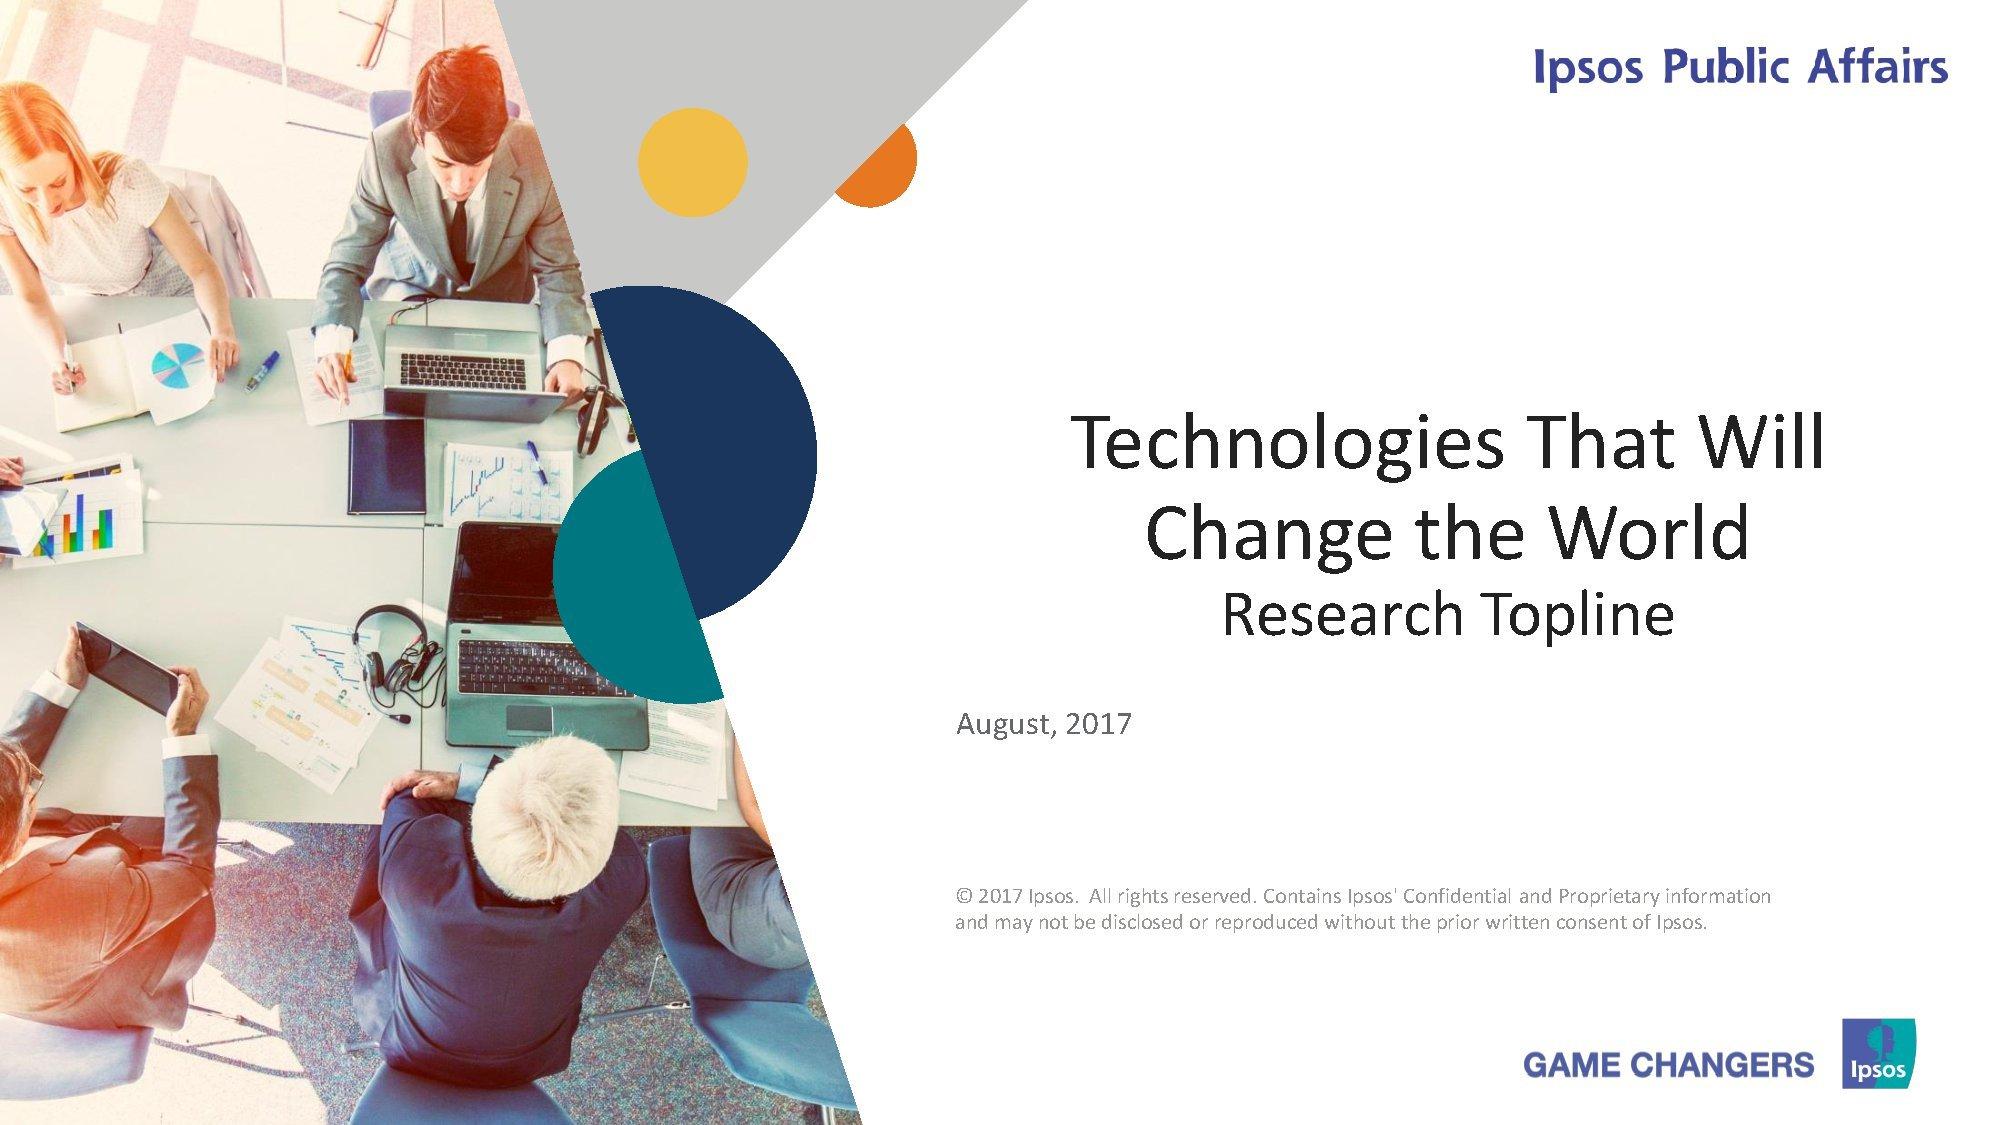 益普索:将改变世界的高科技